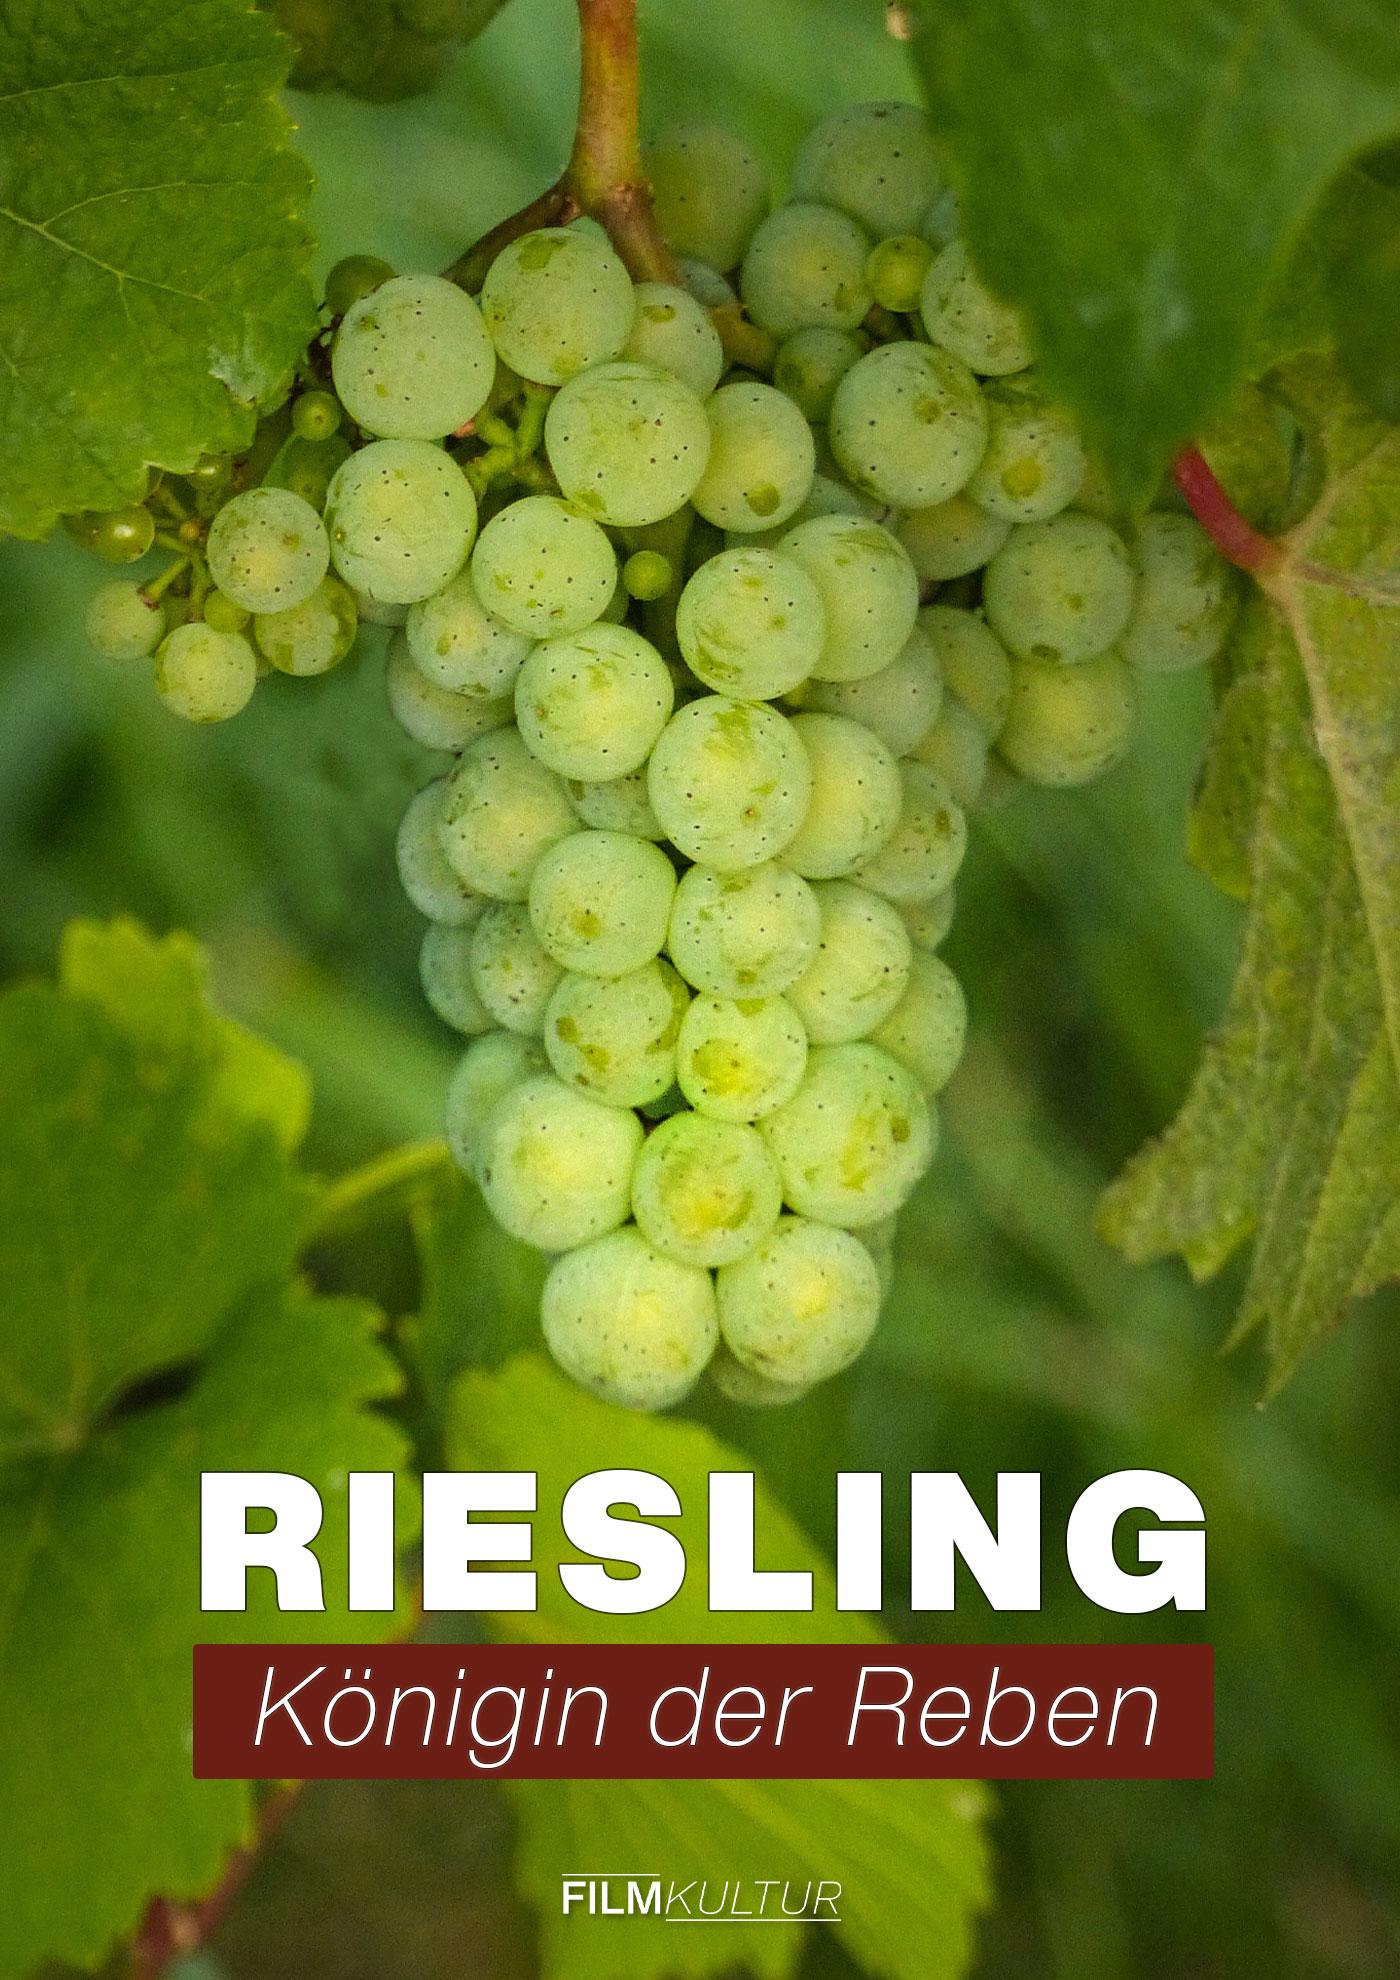 Filmplakat Riesling - Königin der Reben